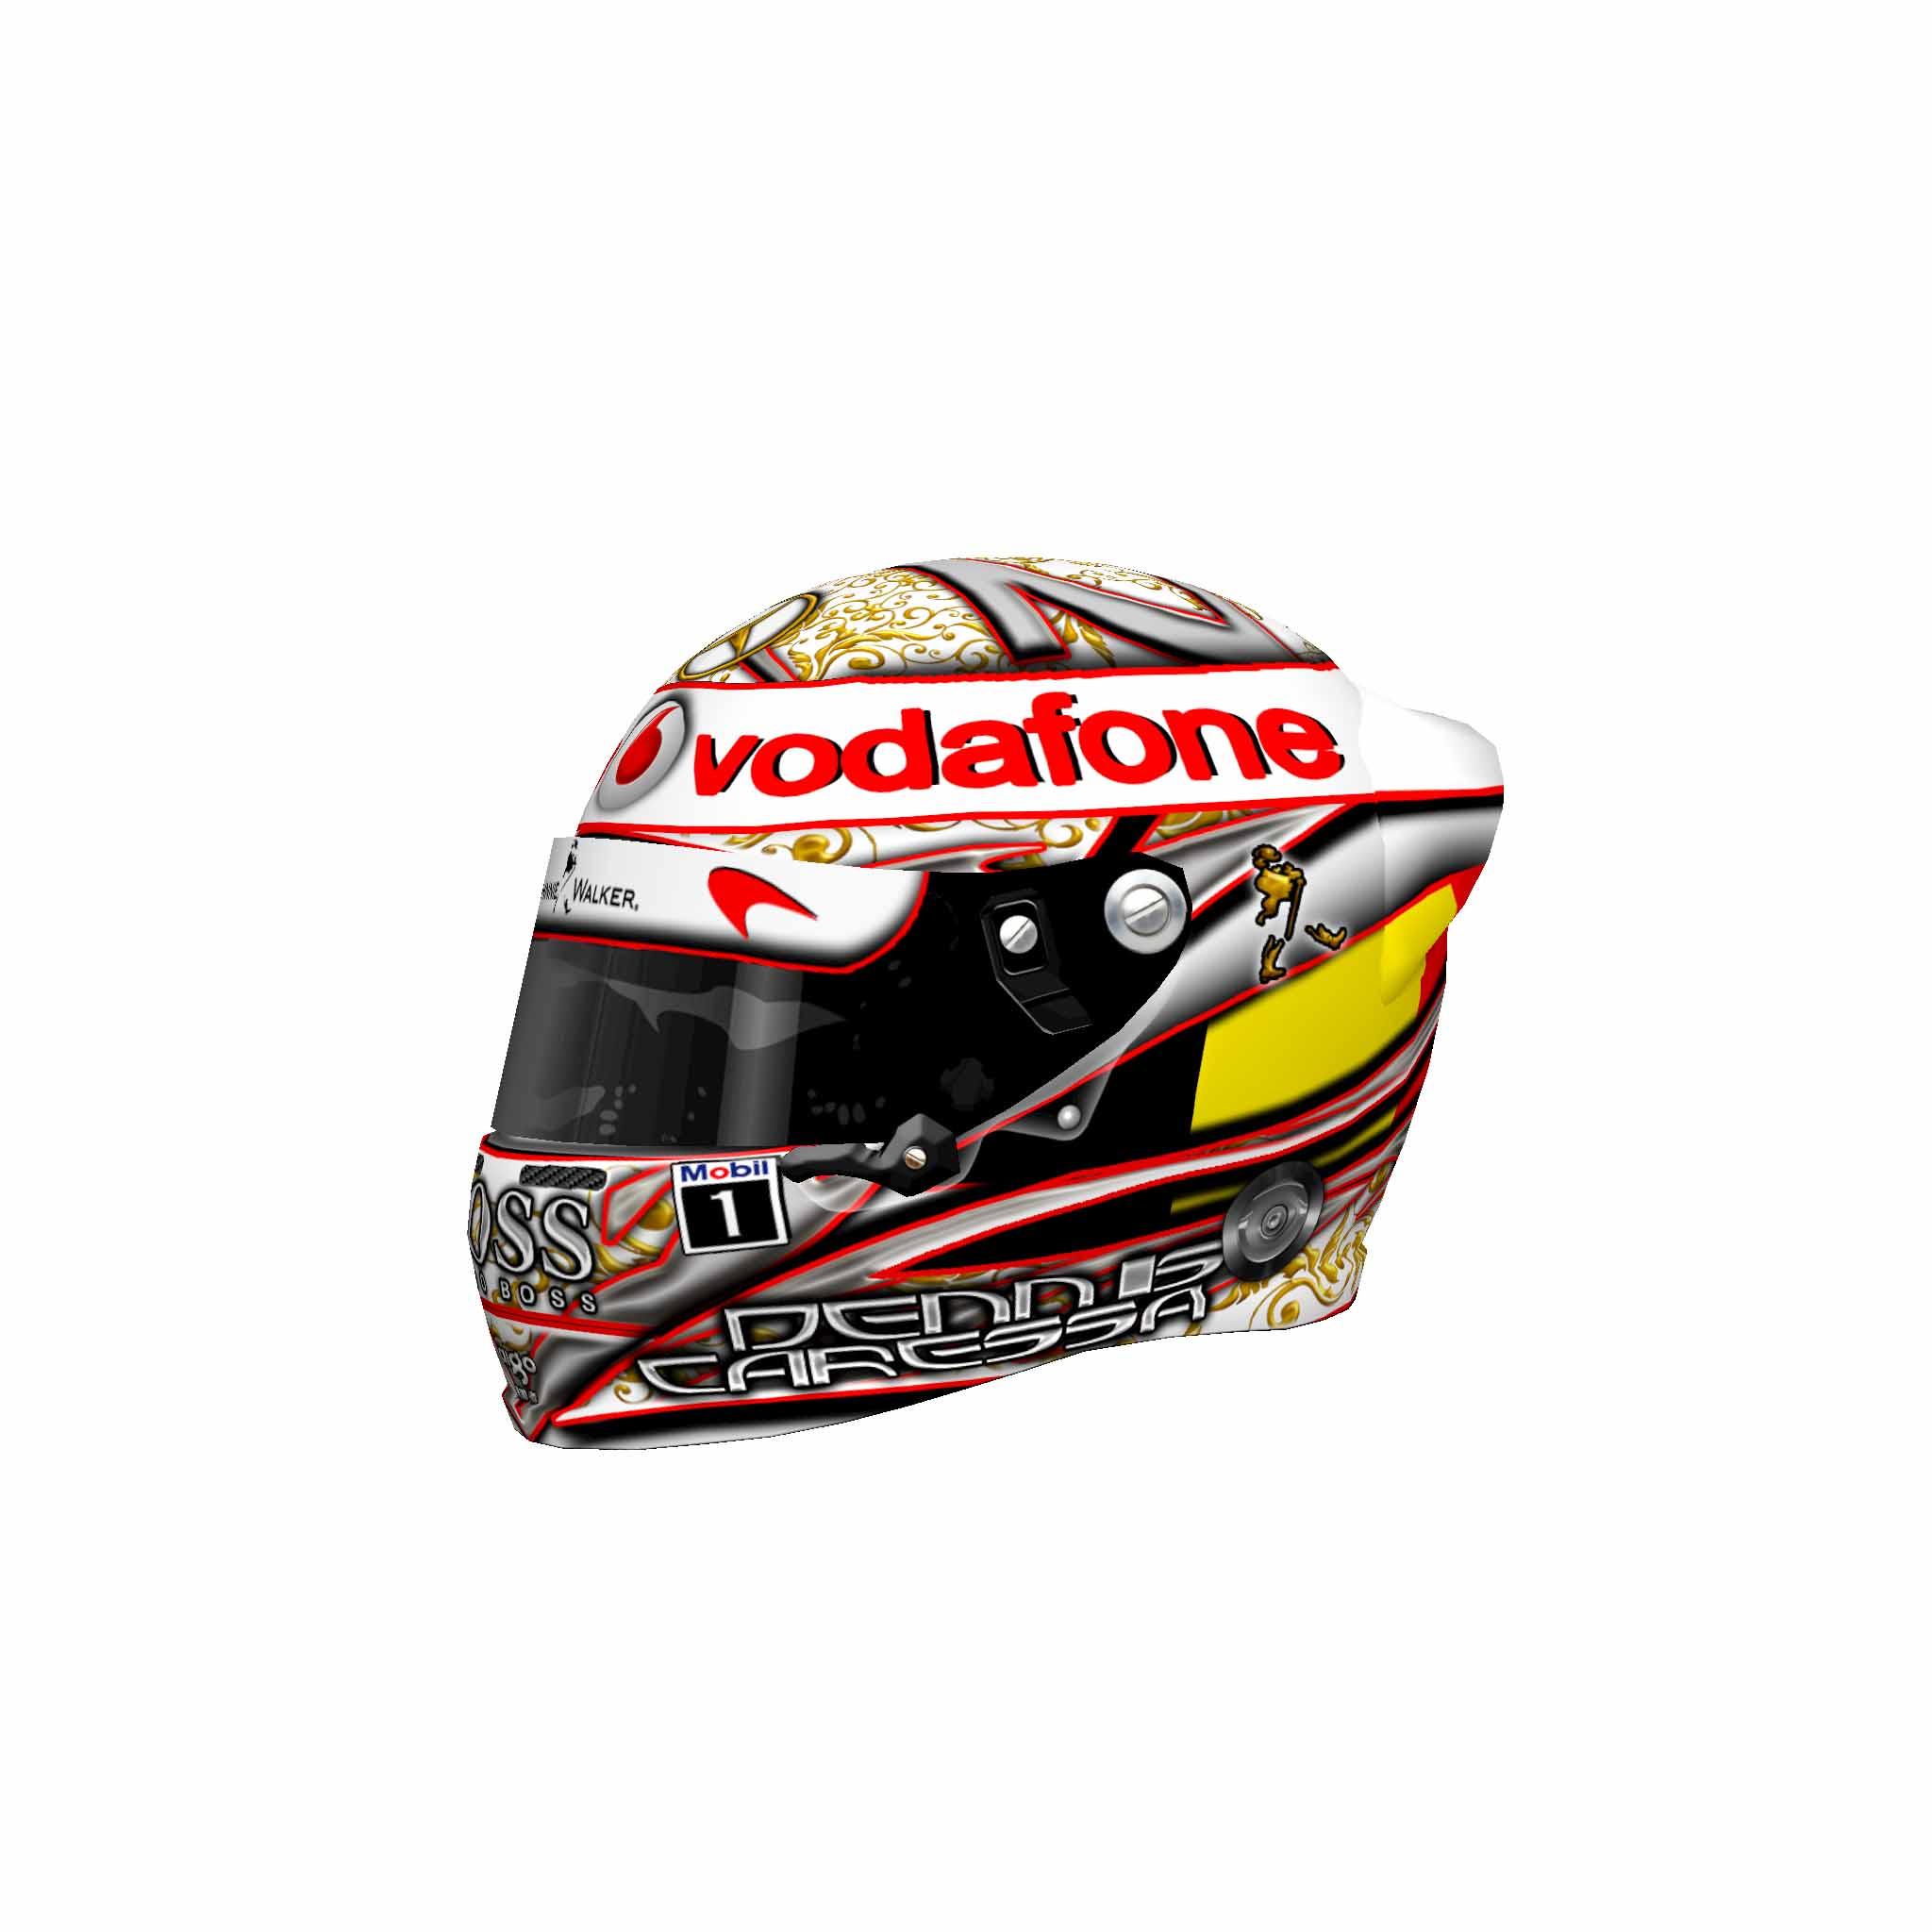 DC_helmet mclaren 2012_Monaco.jpg